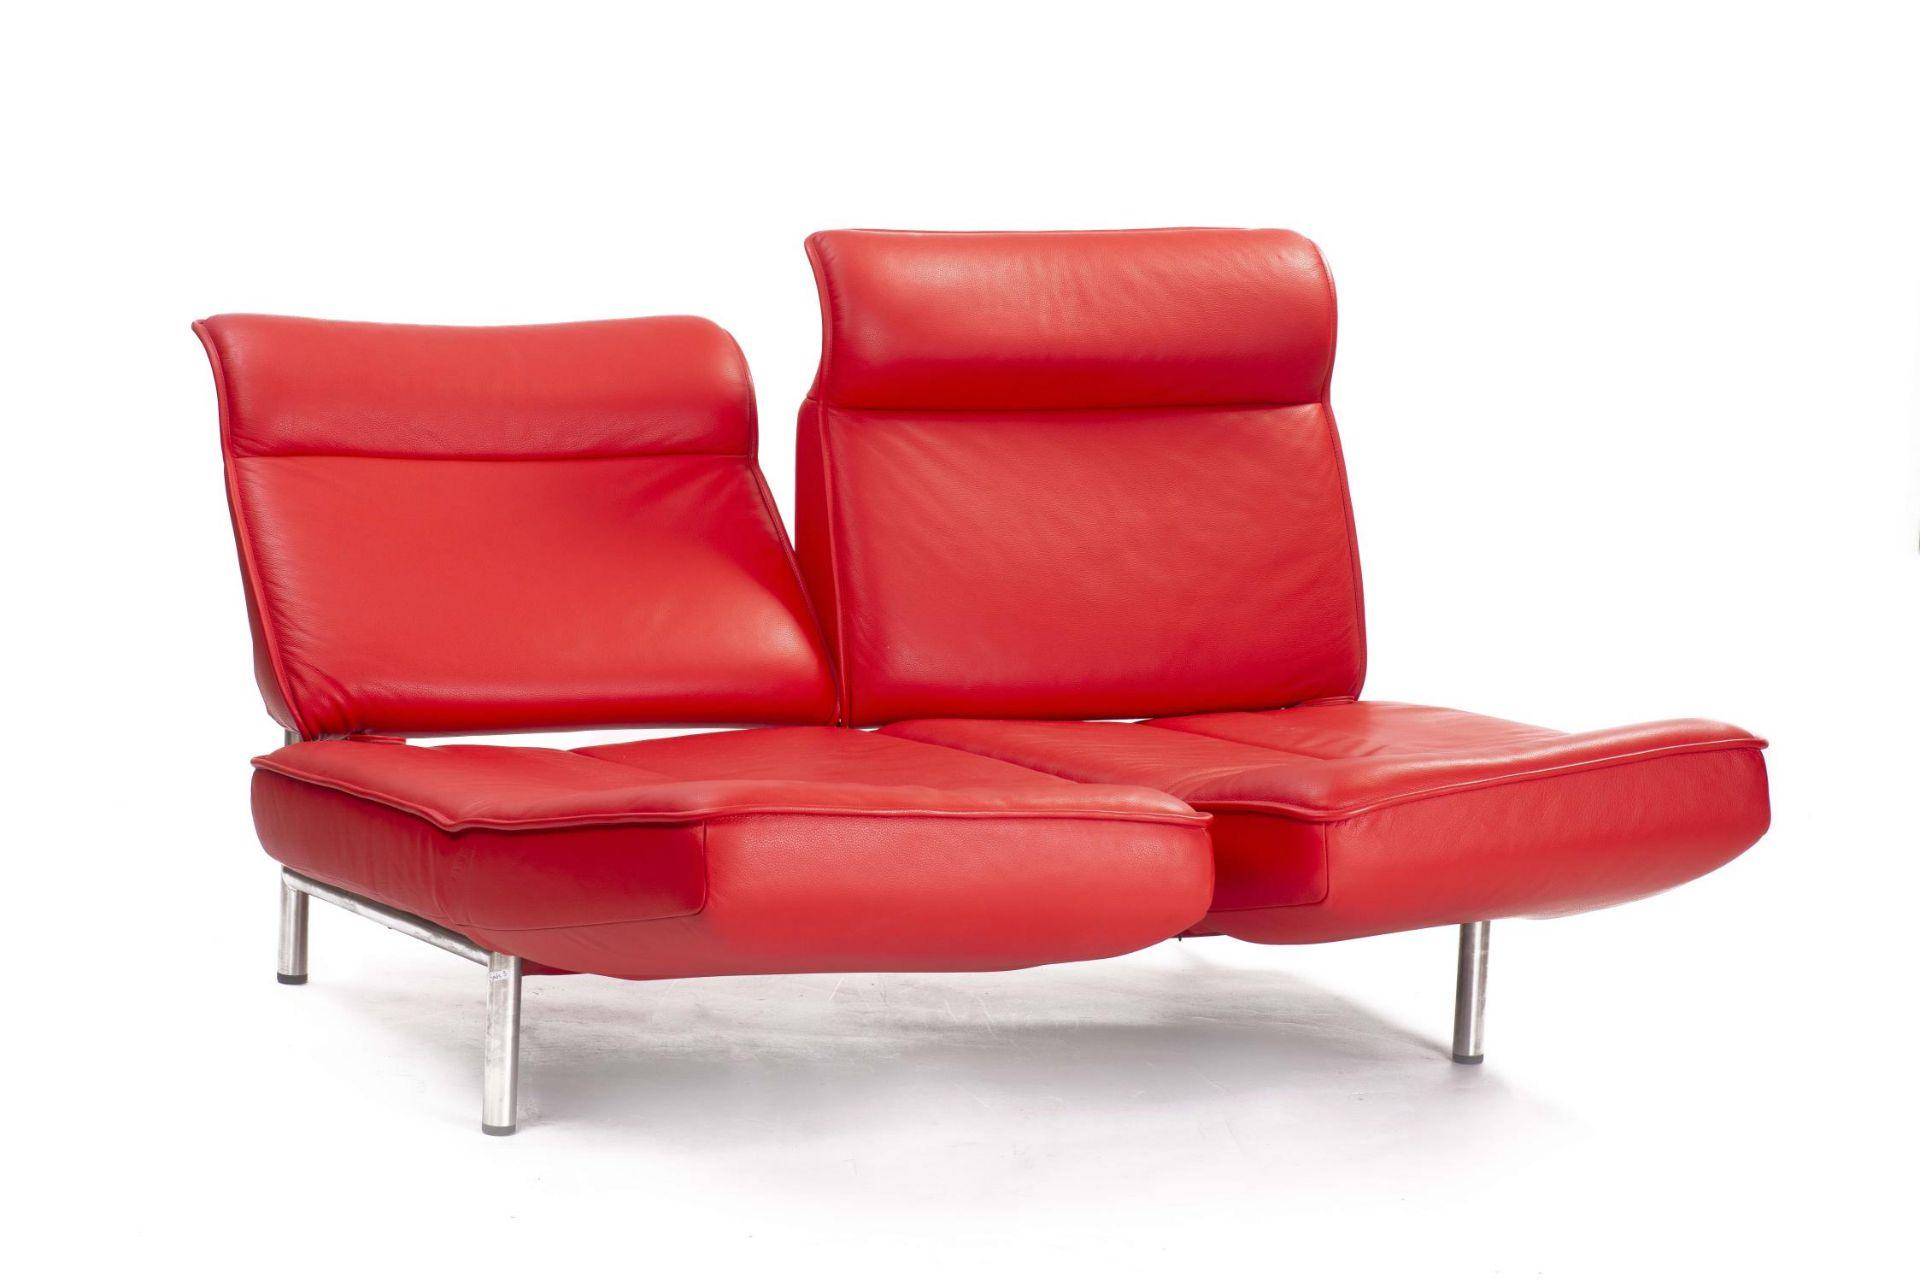 Thomas Althaus, canapé de Sède, modèle ds-450 - Bild 2 aus 10